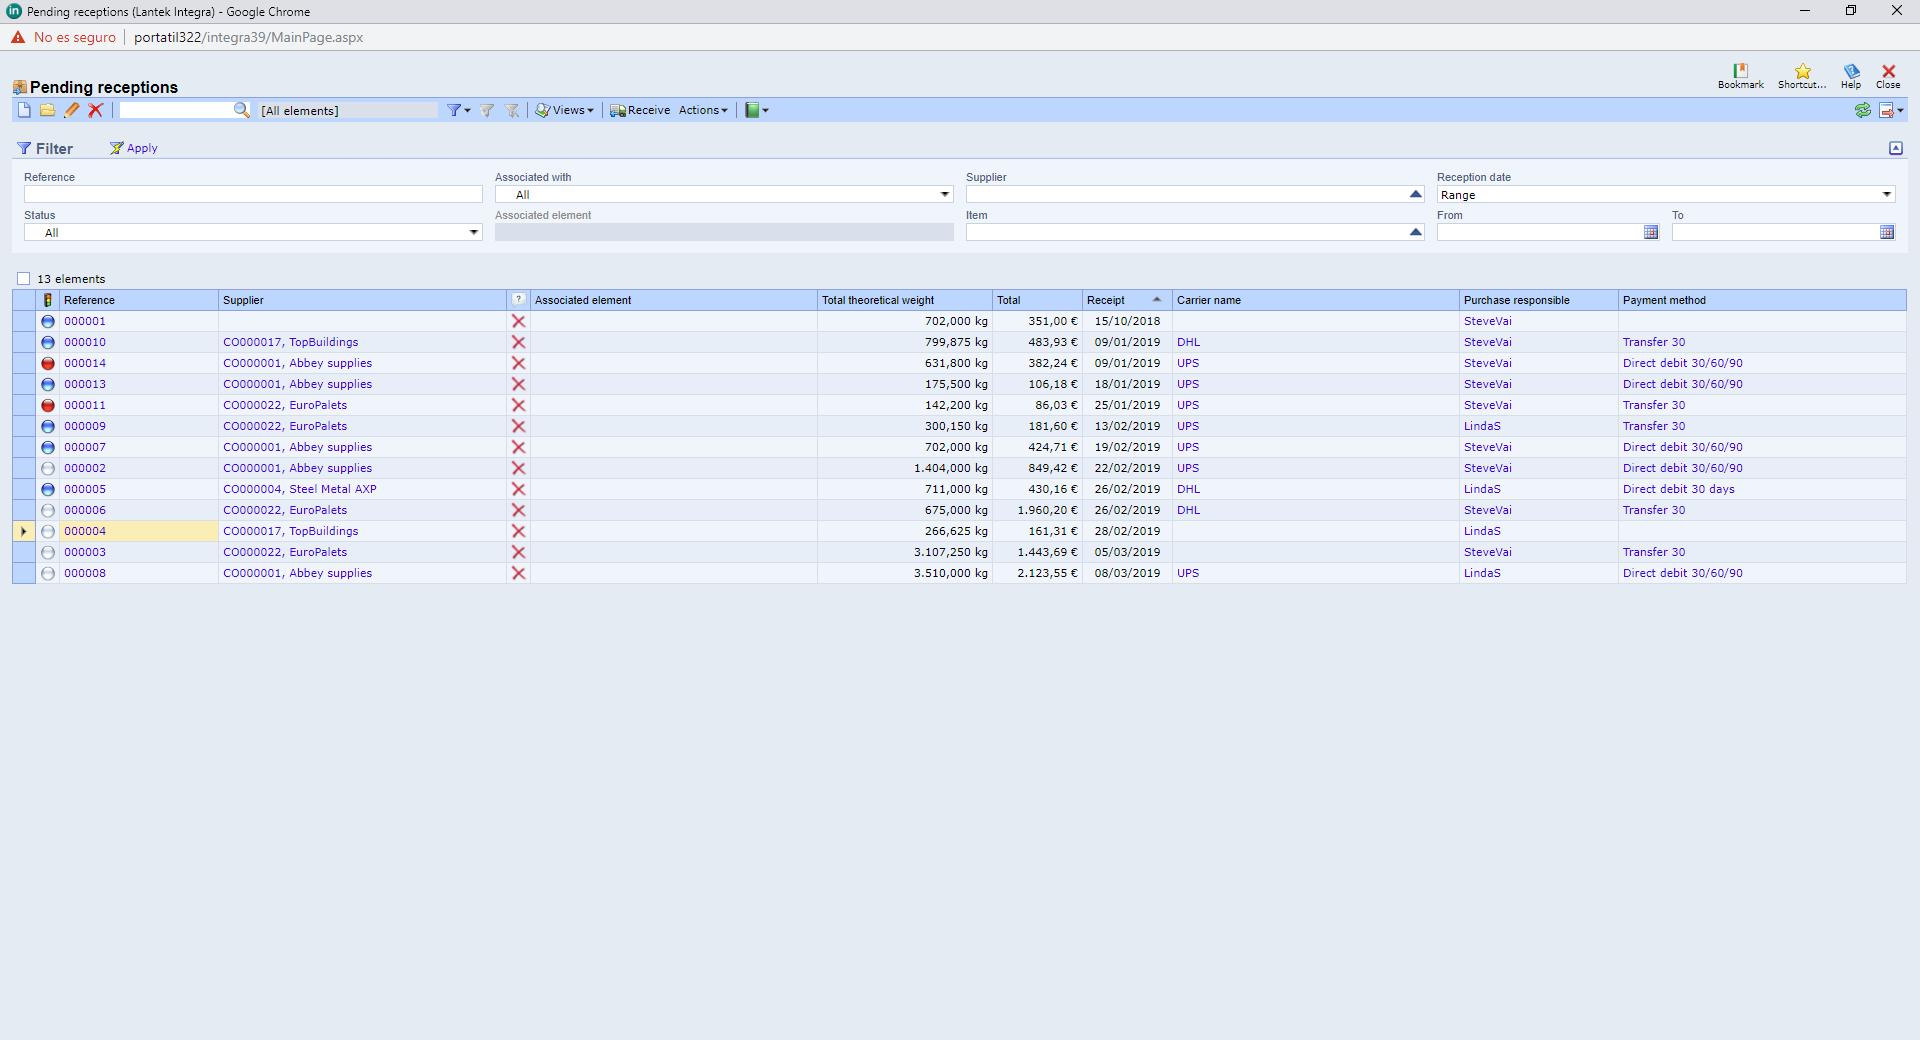 Lantek integra Inventory  - Recepciones pendientes